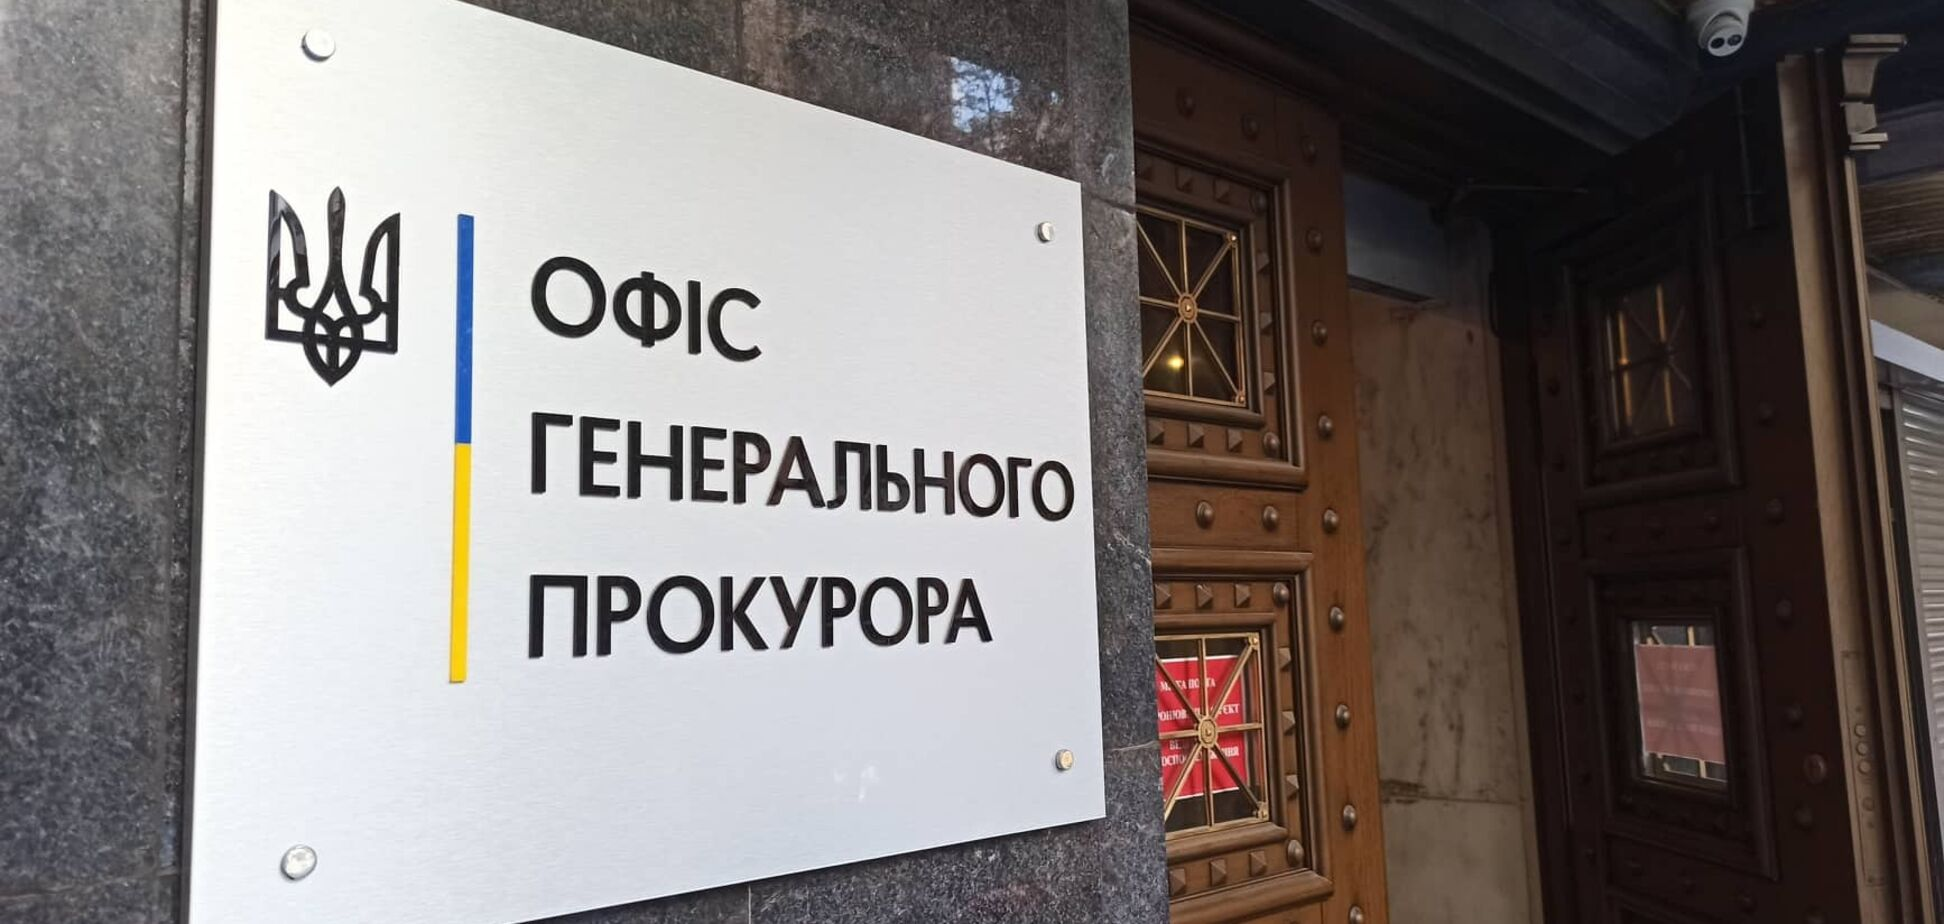 Екстопчиновника банку підозрюють в розтраті понад 22 млн грн – ОГП